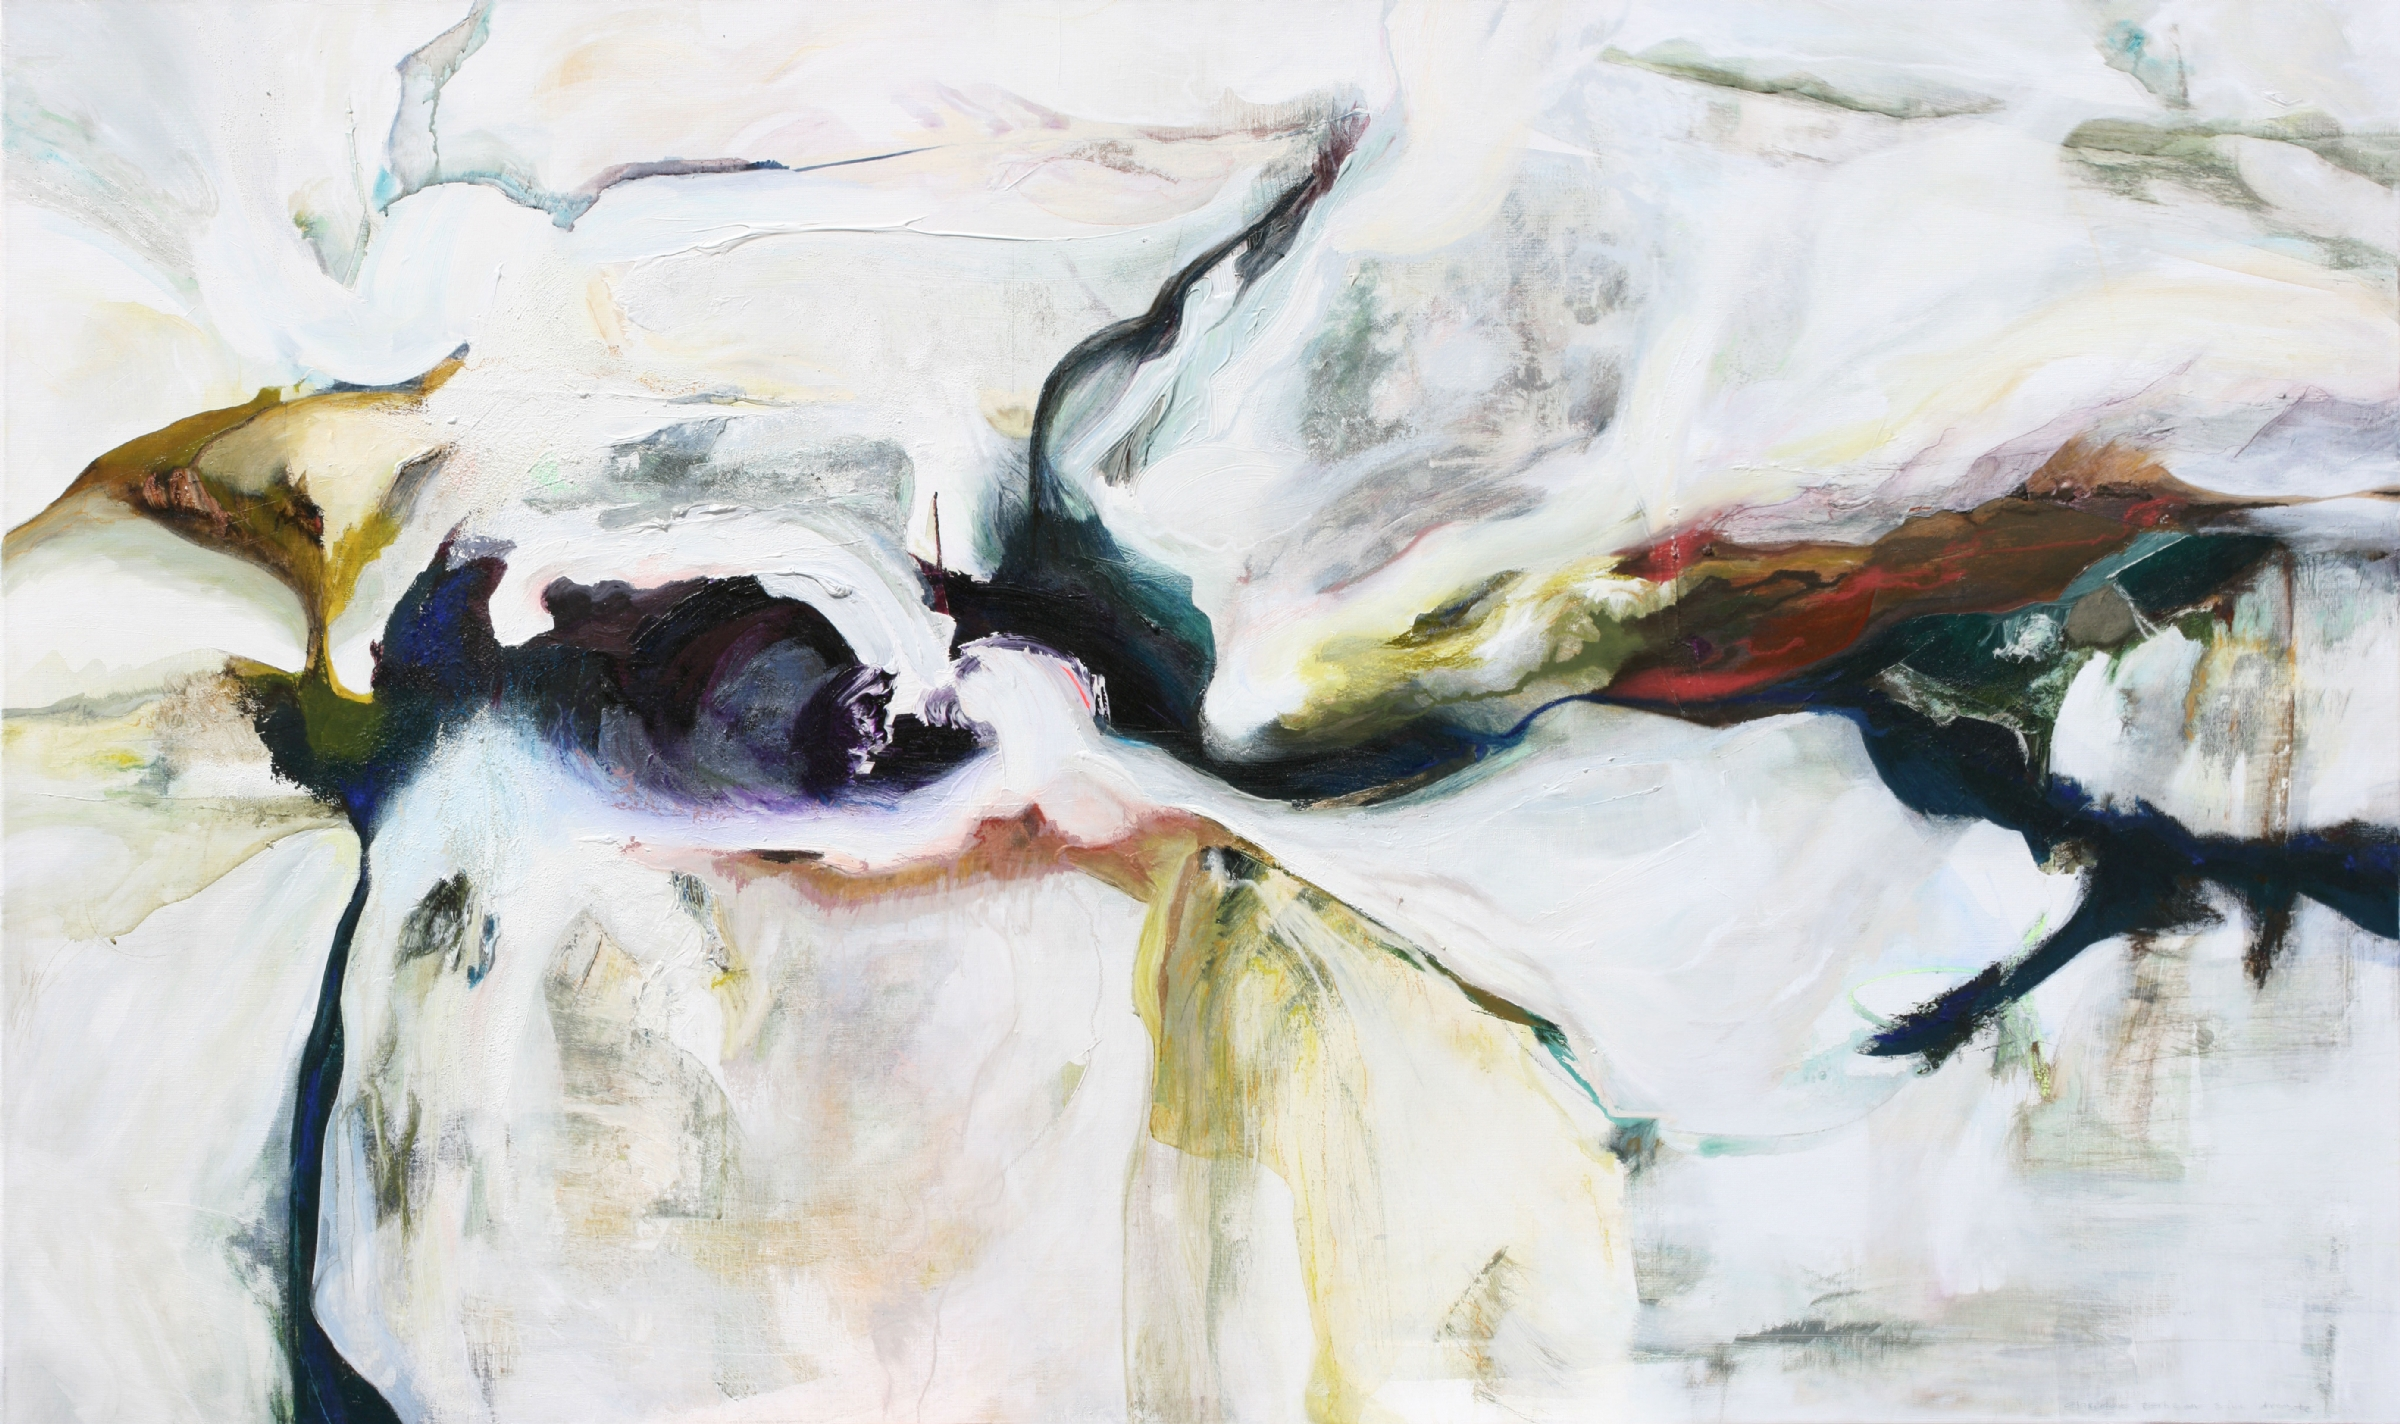 Schilderij #188 - verkocht -